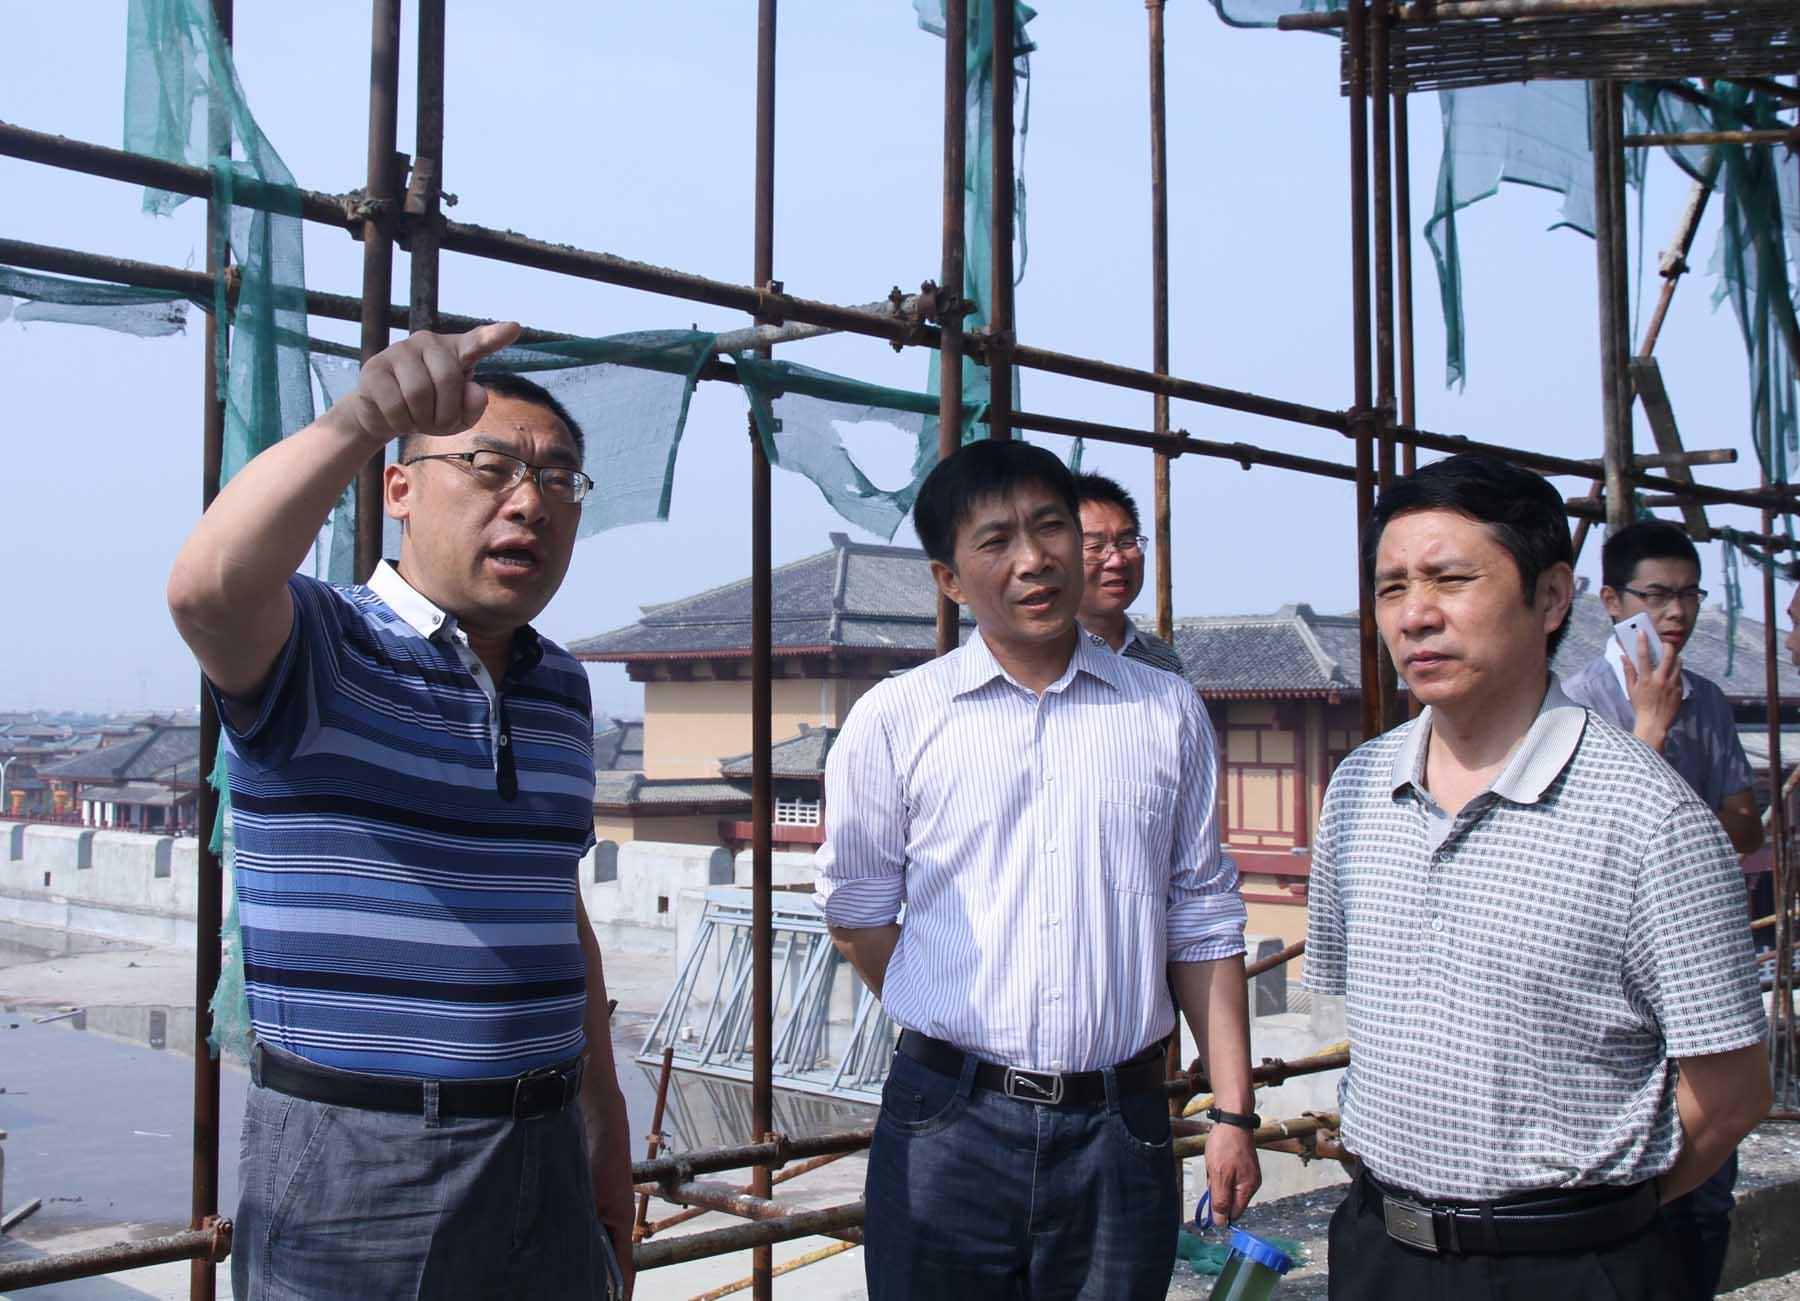 荆门市掇刀区人民政府副区长陈泽云考察中国汉城